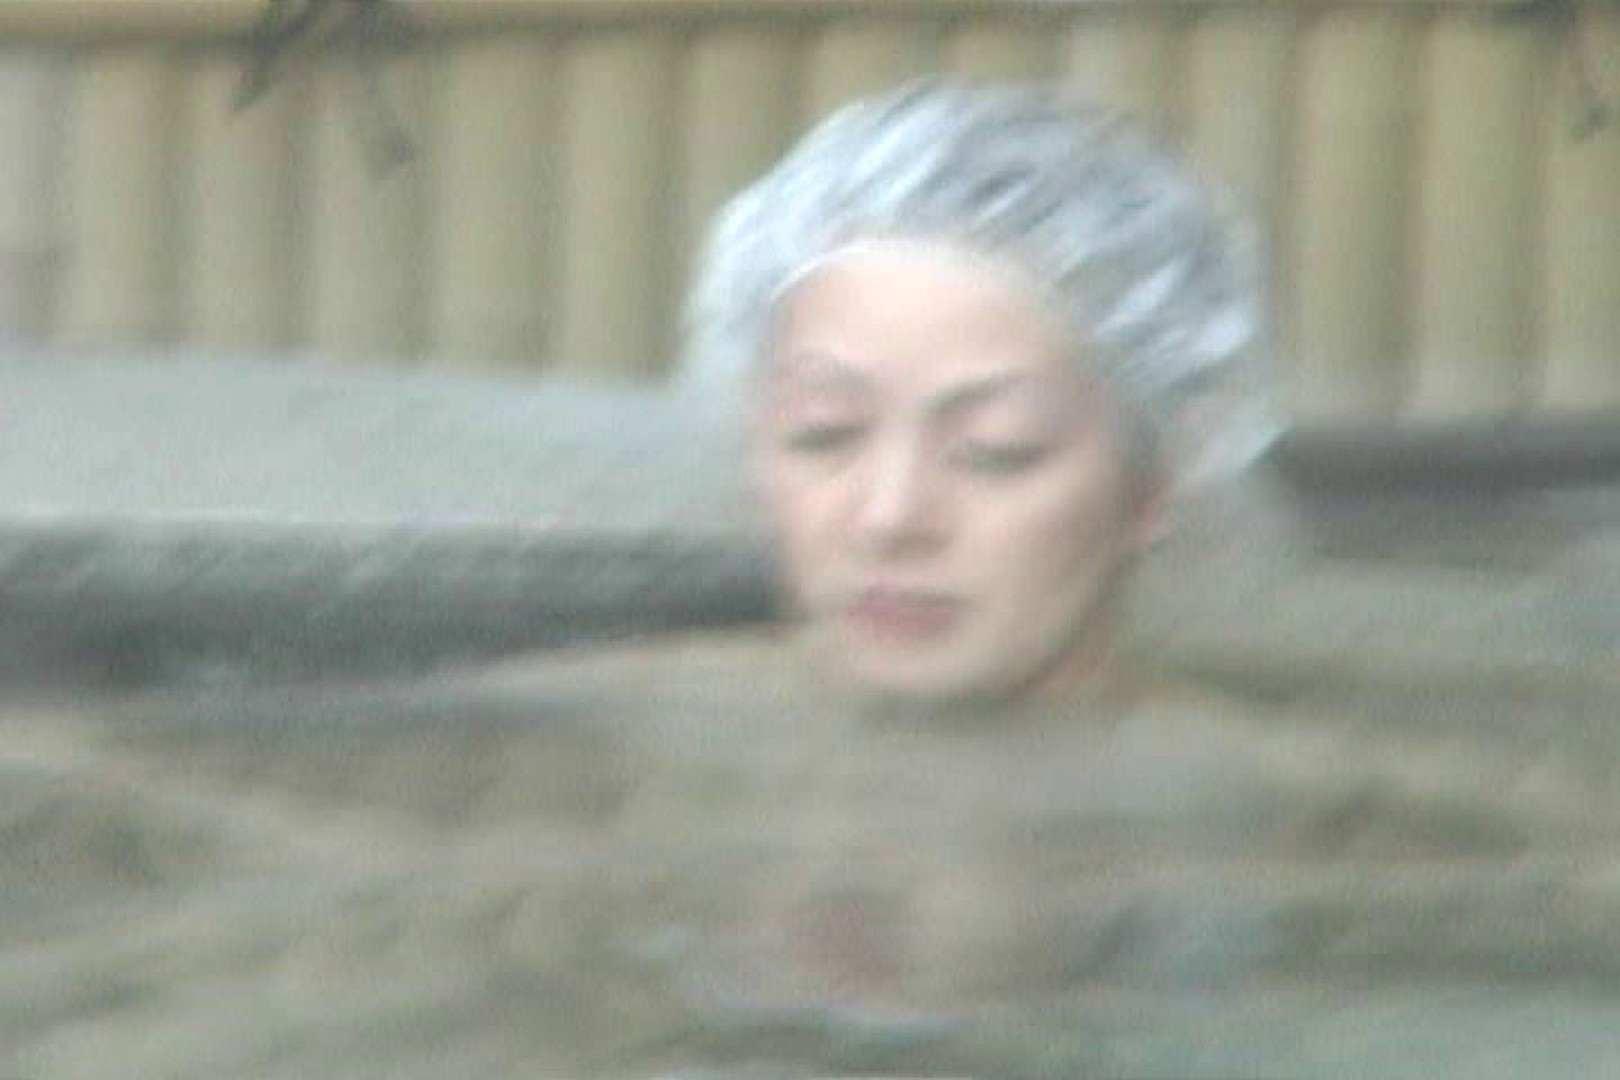 Aquaな露天風呂Vol.592 露天 | 盗撮  92pic 33